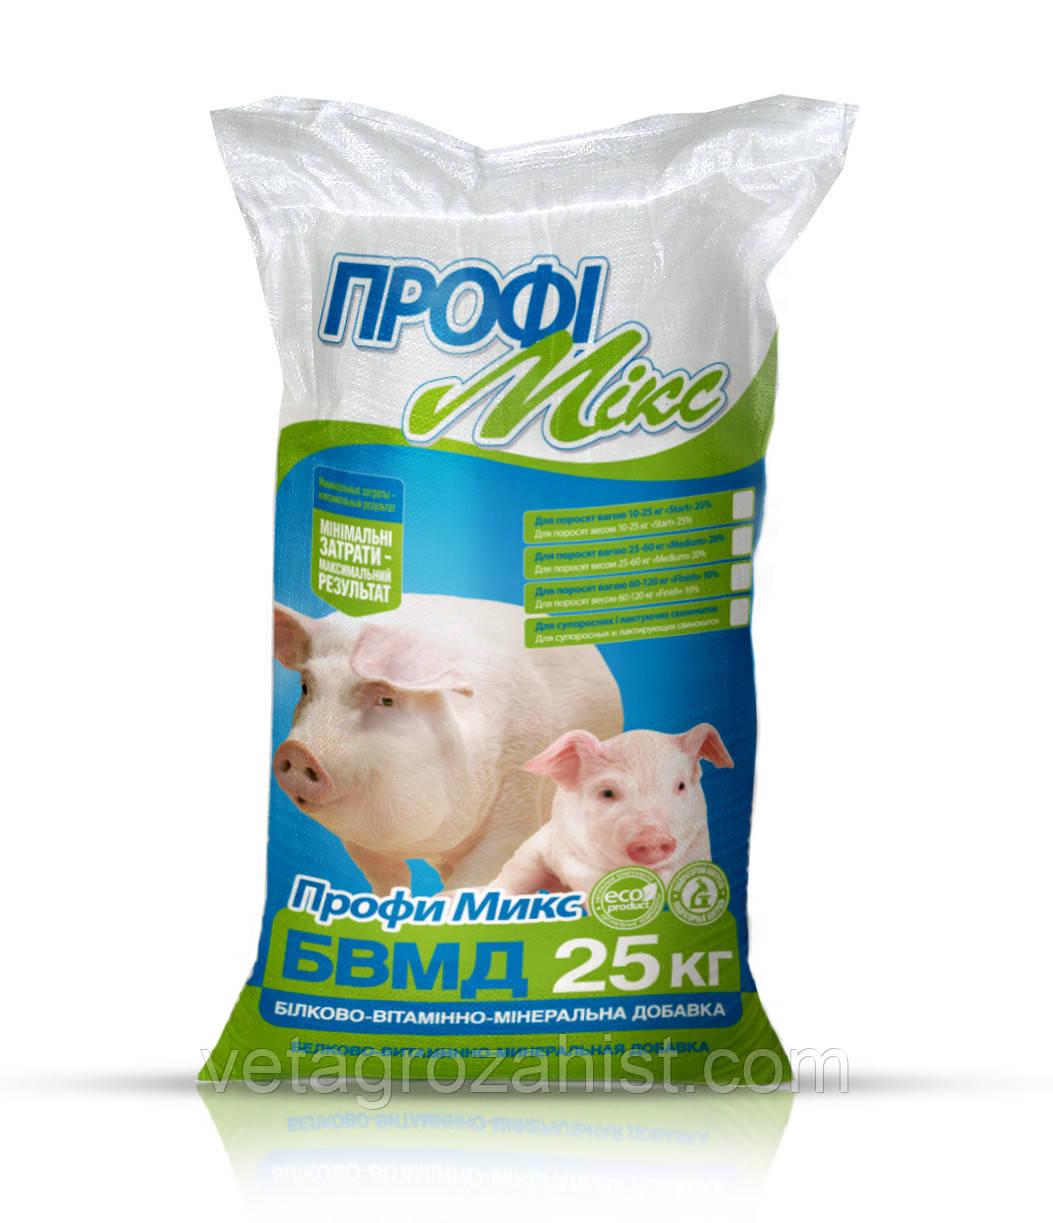 БВМД Профимикс 20% для супоросных и лактирующих свиноматок 25 кг кормовая добавка